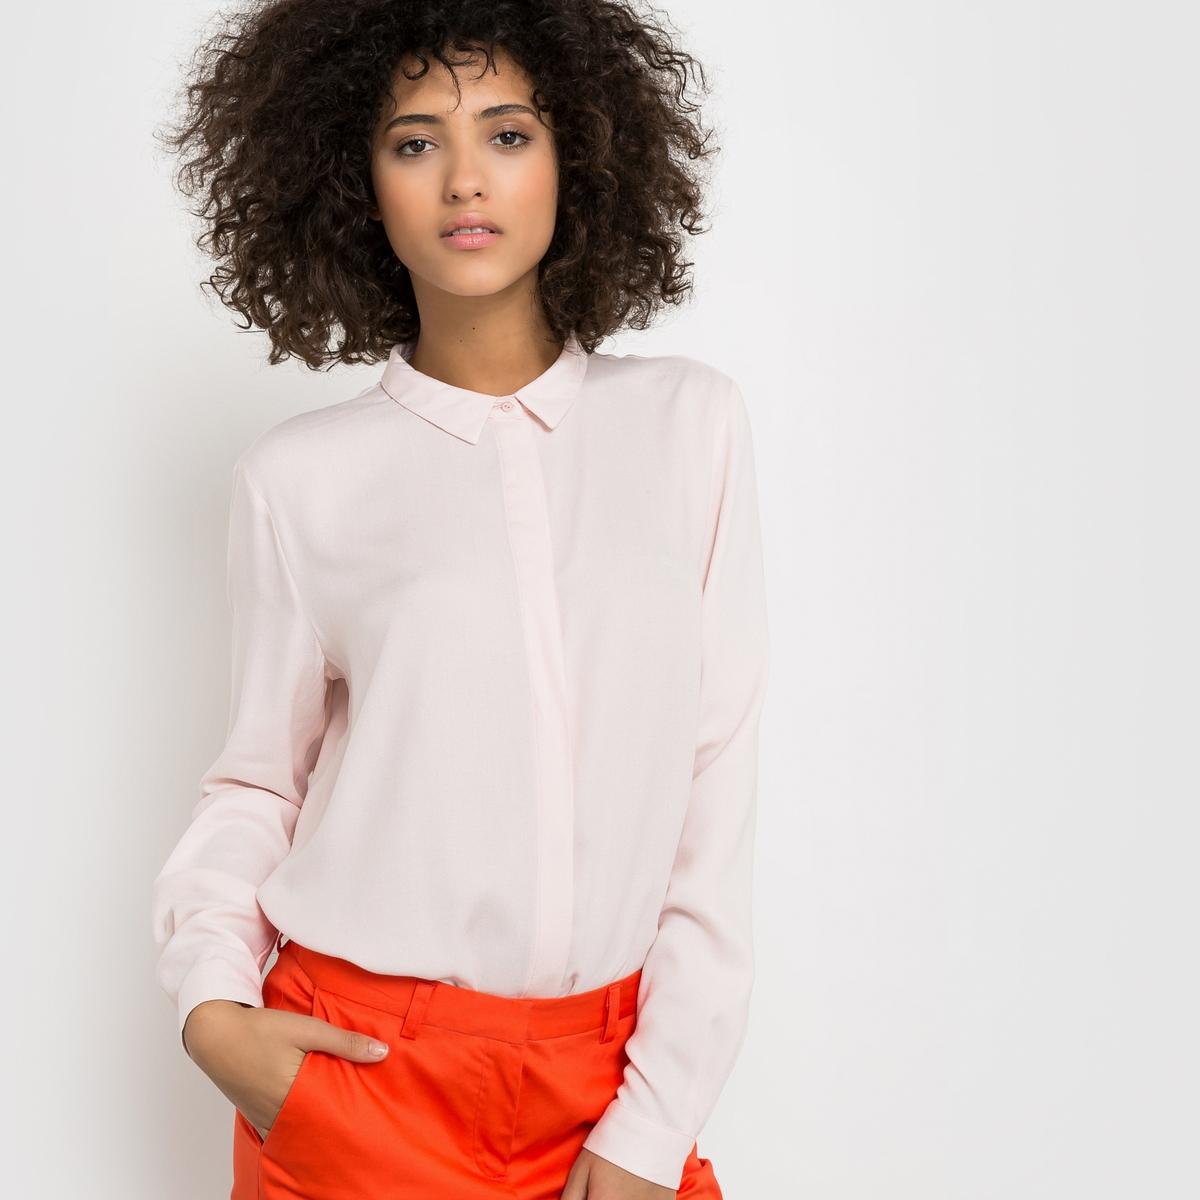 Рубашка из вискозы. Длинные рукаваРубашка из 100% вискозы . Длинные рукава . Без карманов . Супатная застежка на пуговицы  . Длина 67 см .            Элегантная и удобная рубашка, незаменимая в любом гардеробе  !<br><br>Цвет: бледно-розовый<br>Размер: 46 (FR) - 52 (RUS)